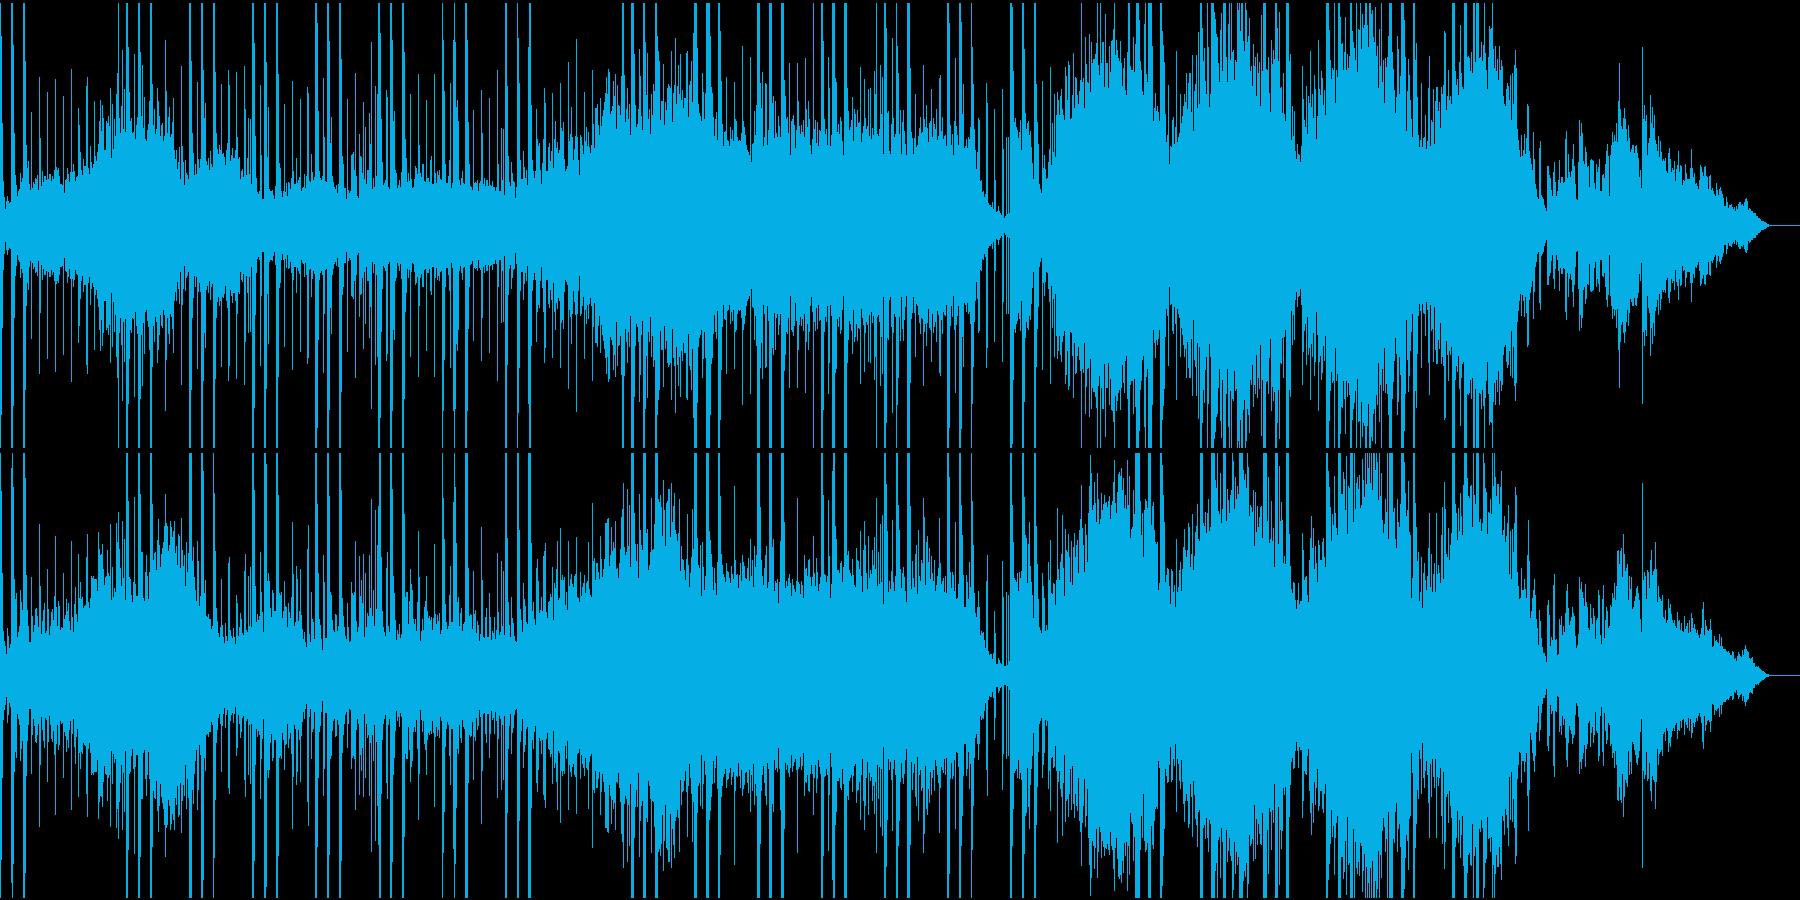 幻想的な雰囲気のシンセサイザー曲の再生済みの波形